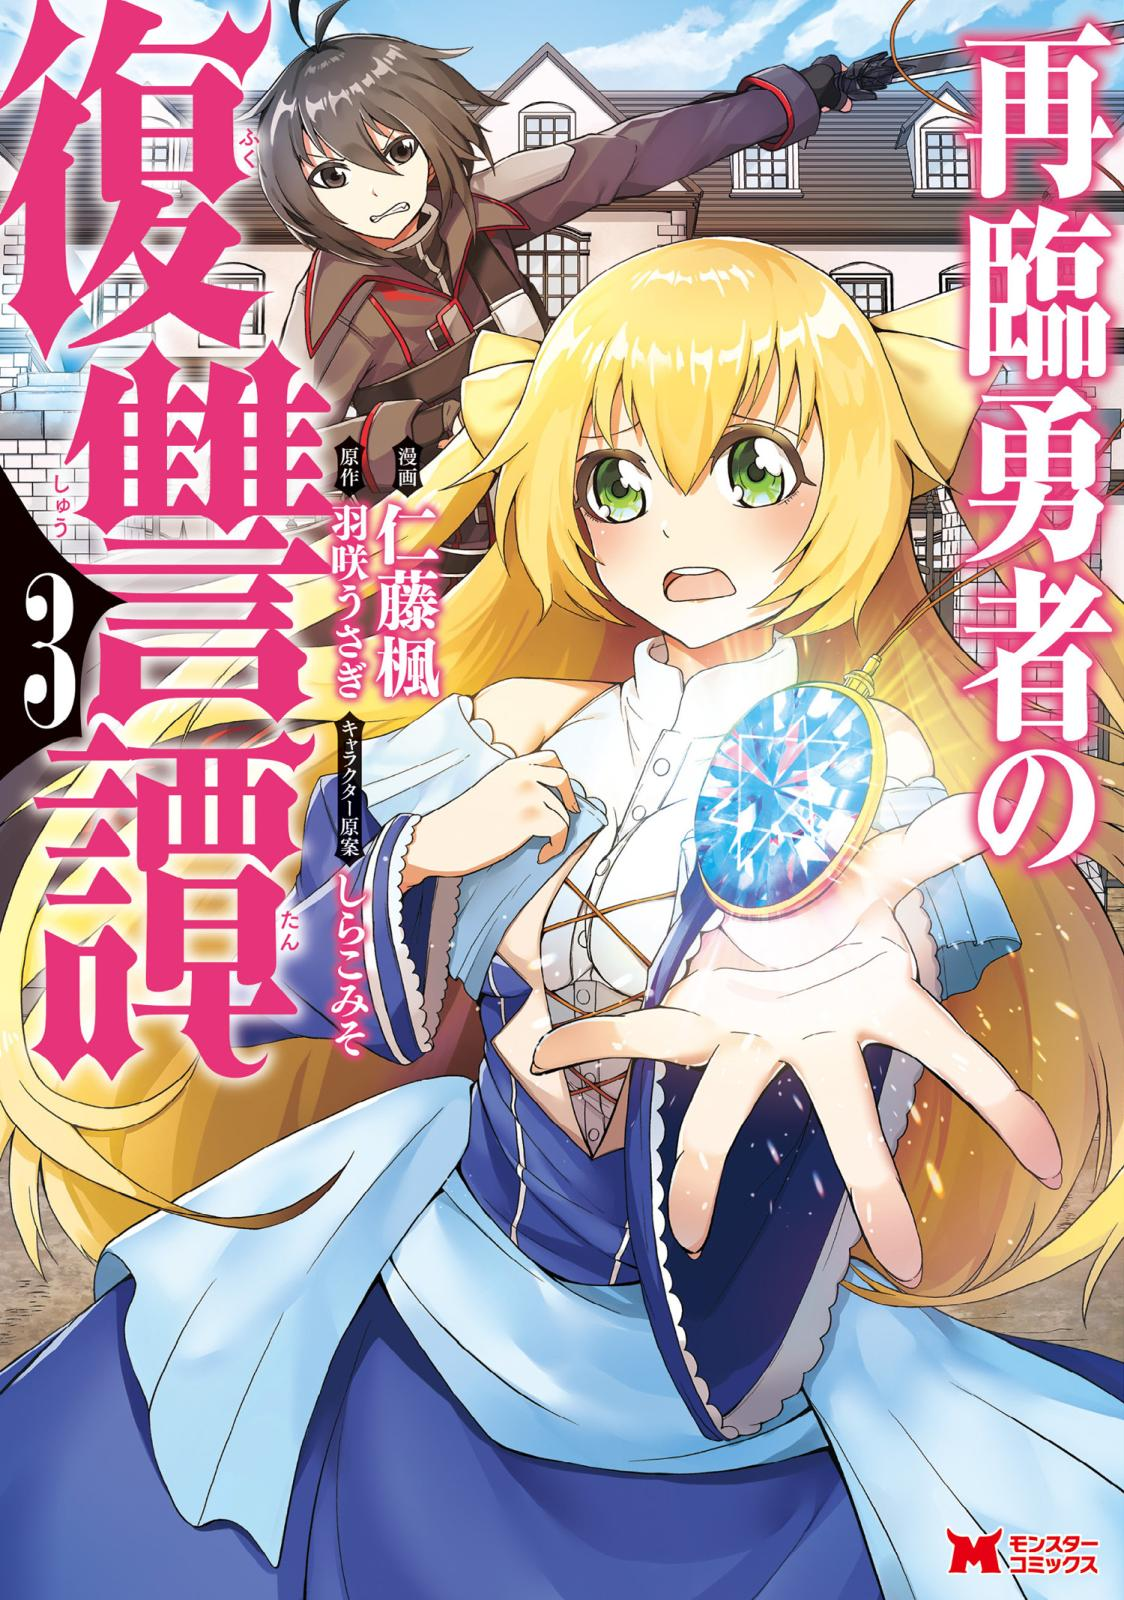 再臨勇者の復讐譚(コミック) : 3